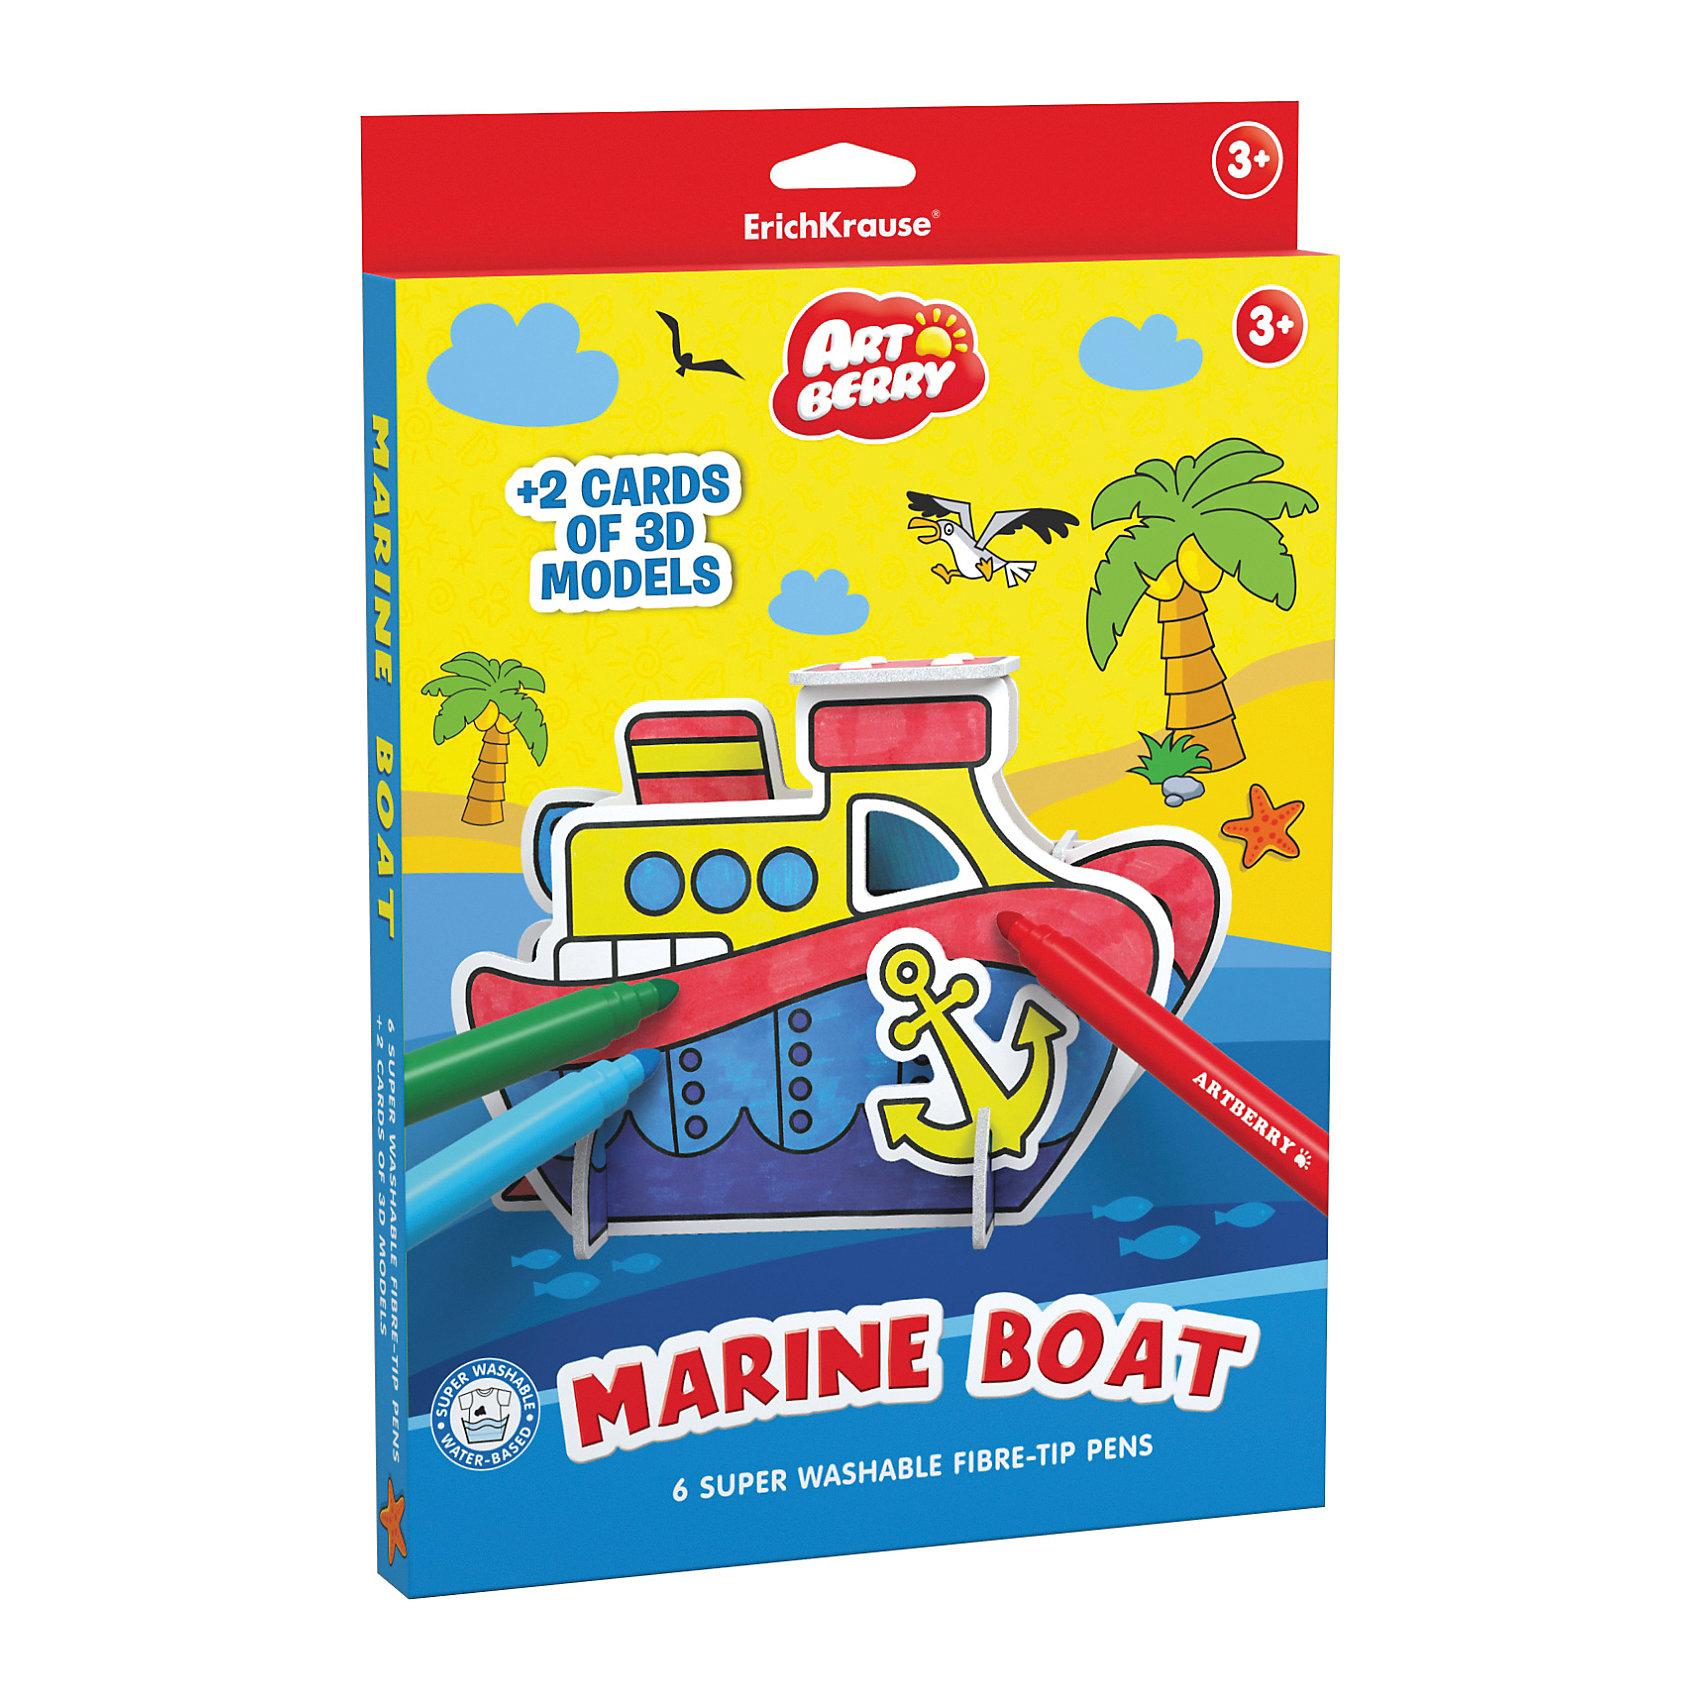 Erich Krause Игровой 3D пазл для раскрашивания Artberry Marine Boat (6 фломастеров+2 карты с фигурами для сборки)Рисование<br><br><br>Ширина мм: 310<br>Глубина мм: 210<br>Высота мм: 20<br>Вес г: 242<br>Возраст от месяцев: 36<br>Возраст до месяцев: 72<br>Пол: Унисекс<br>Возраст: Детский<br>SKU: 6878870